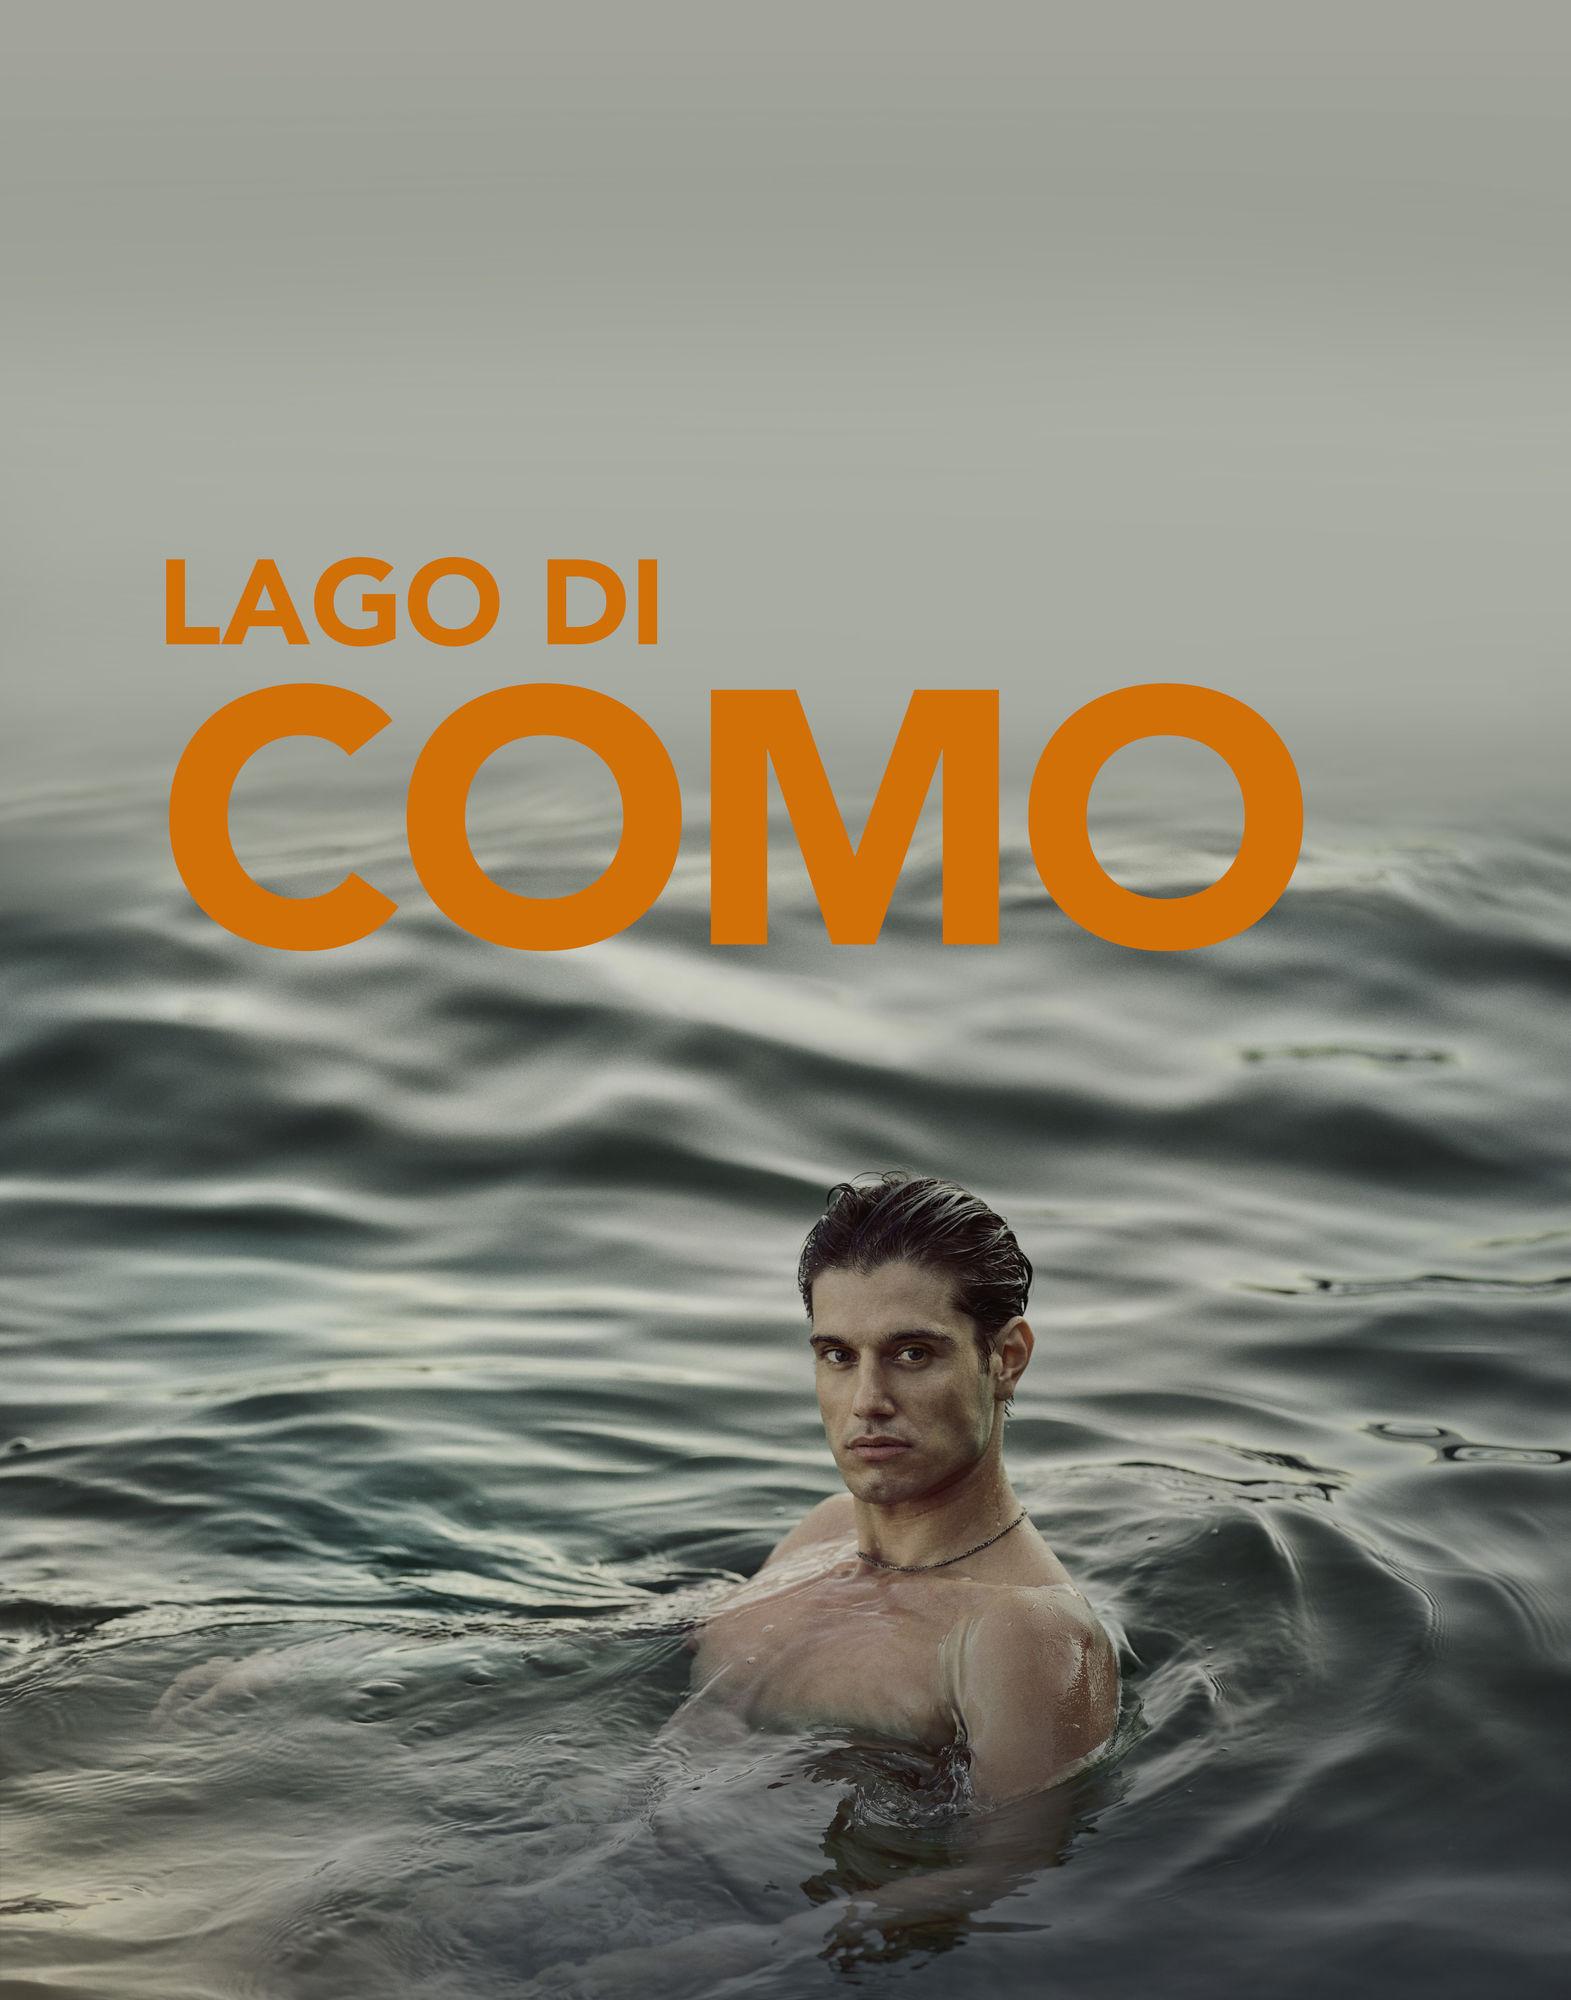 LAGO DI COMO / Editorialshooting by AVA PIVOT